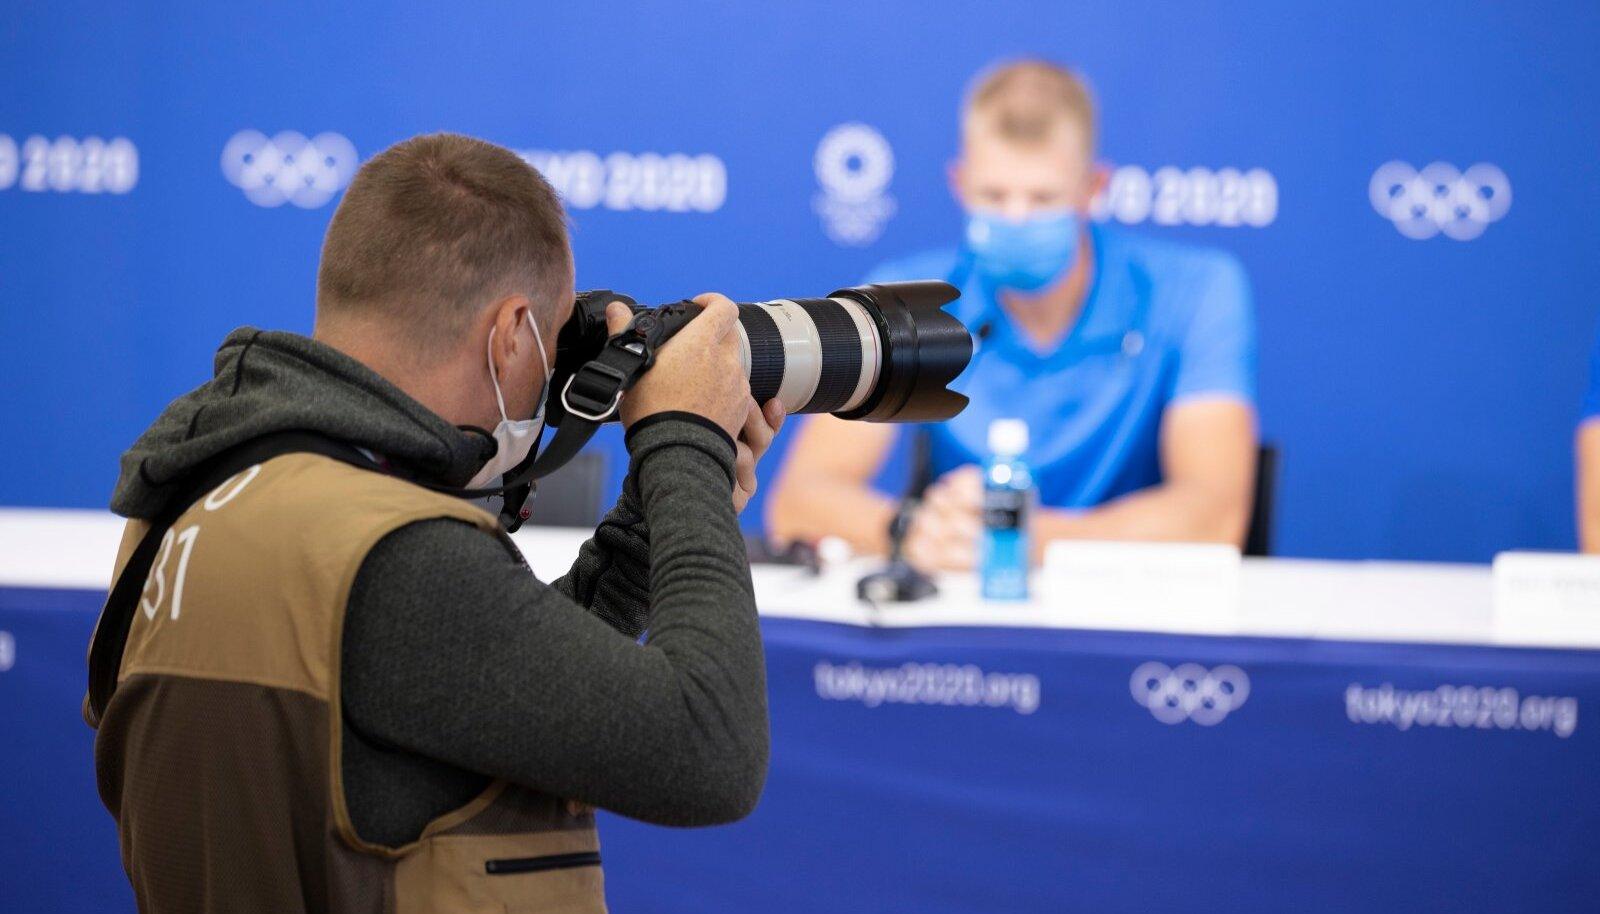 Eesti sõudjad olümpiaeelsel pressikonverentsil objektiivide sihikul.